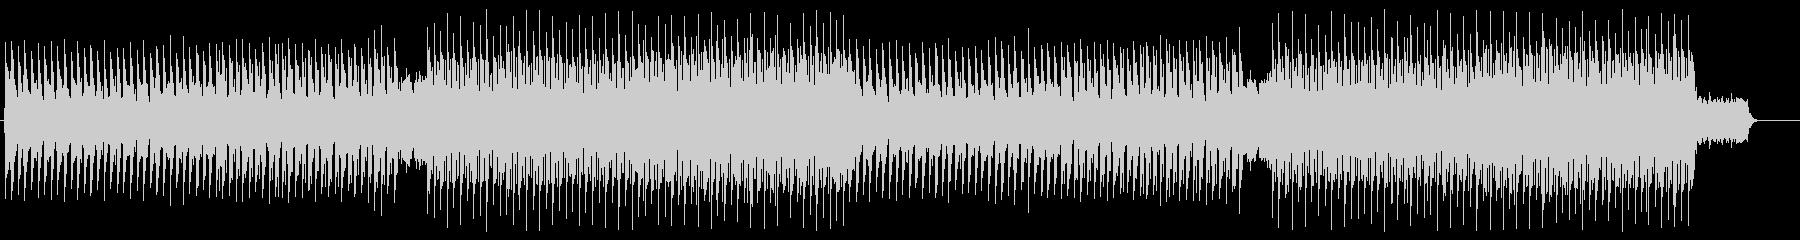 ゲーム、映像 ダークで不気味なエレクトロの未再生の波形